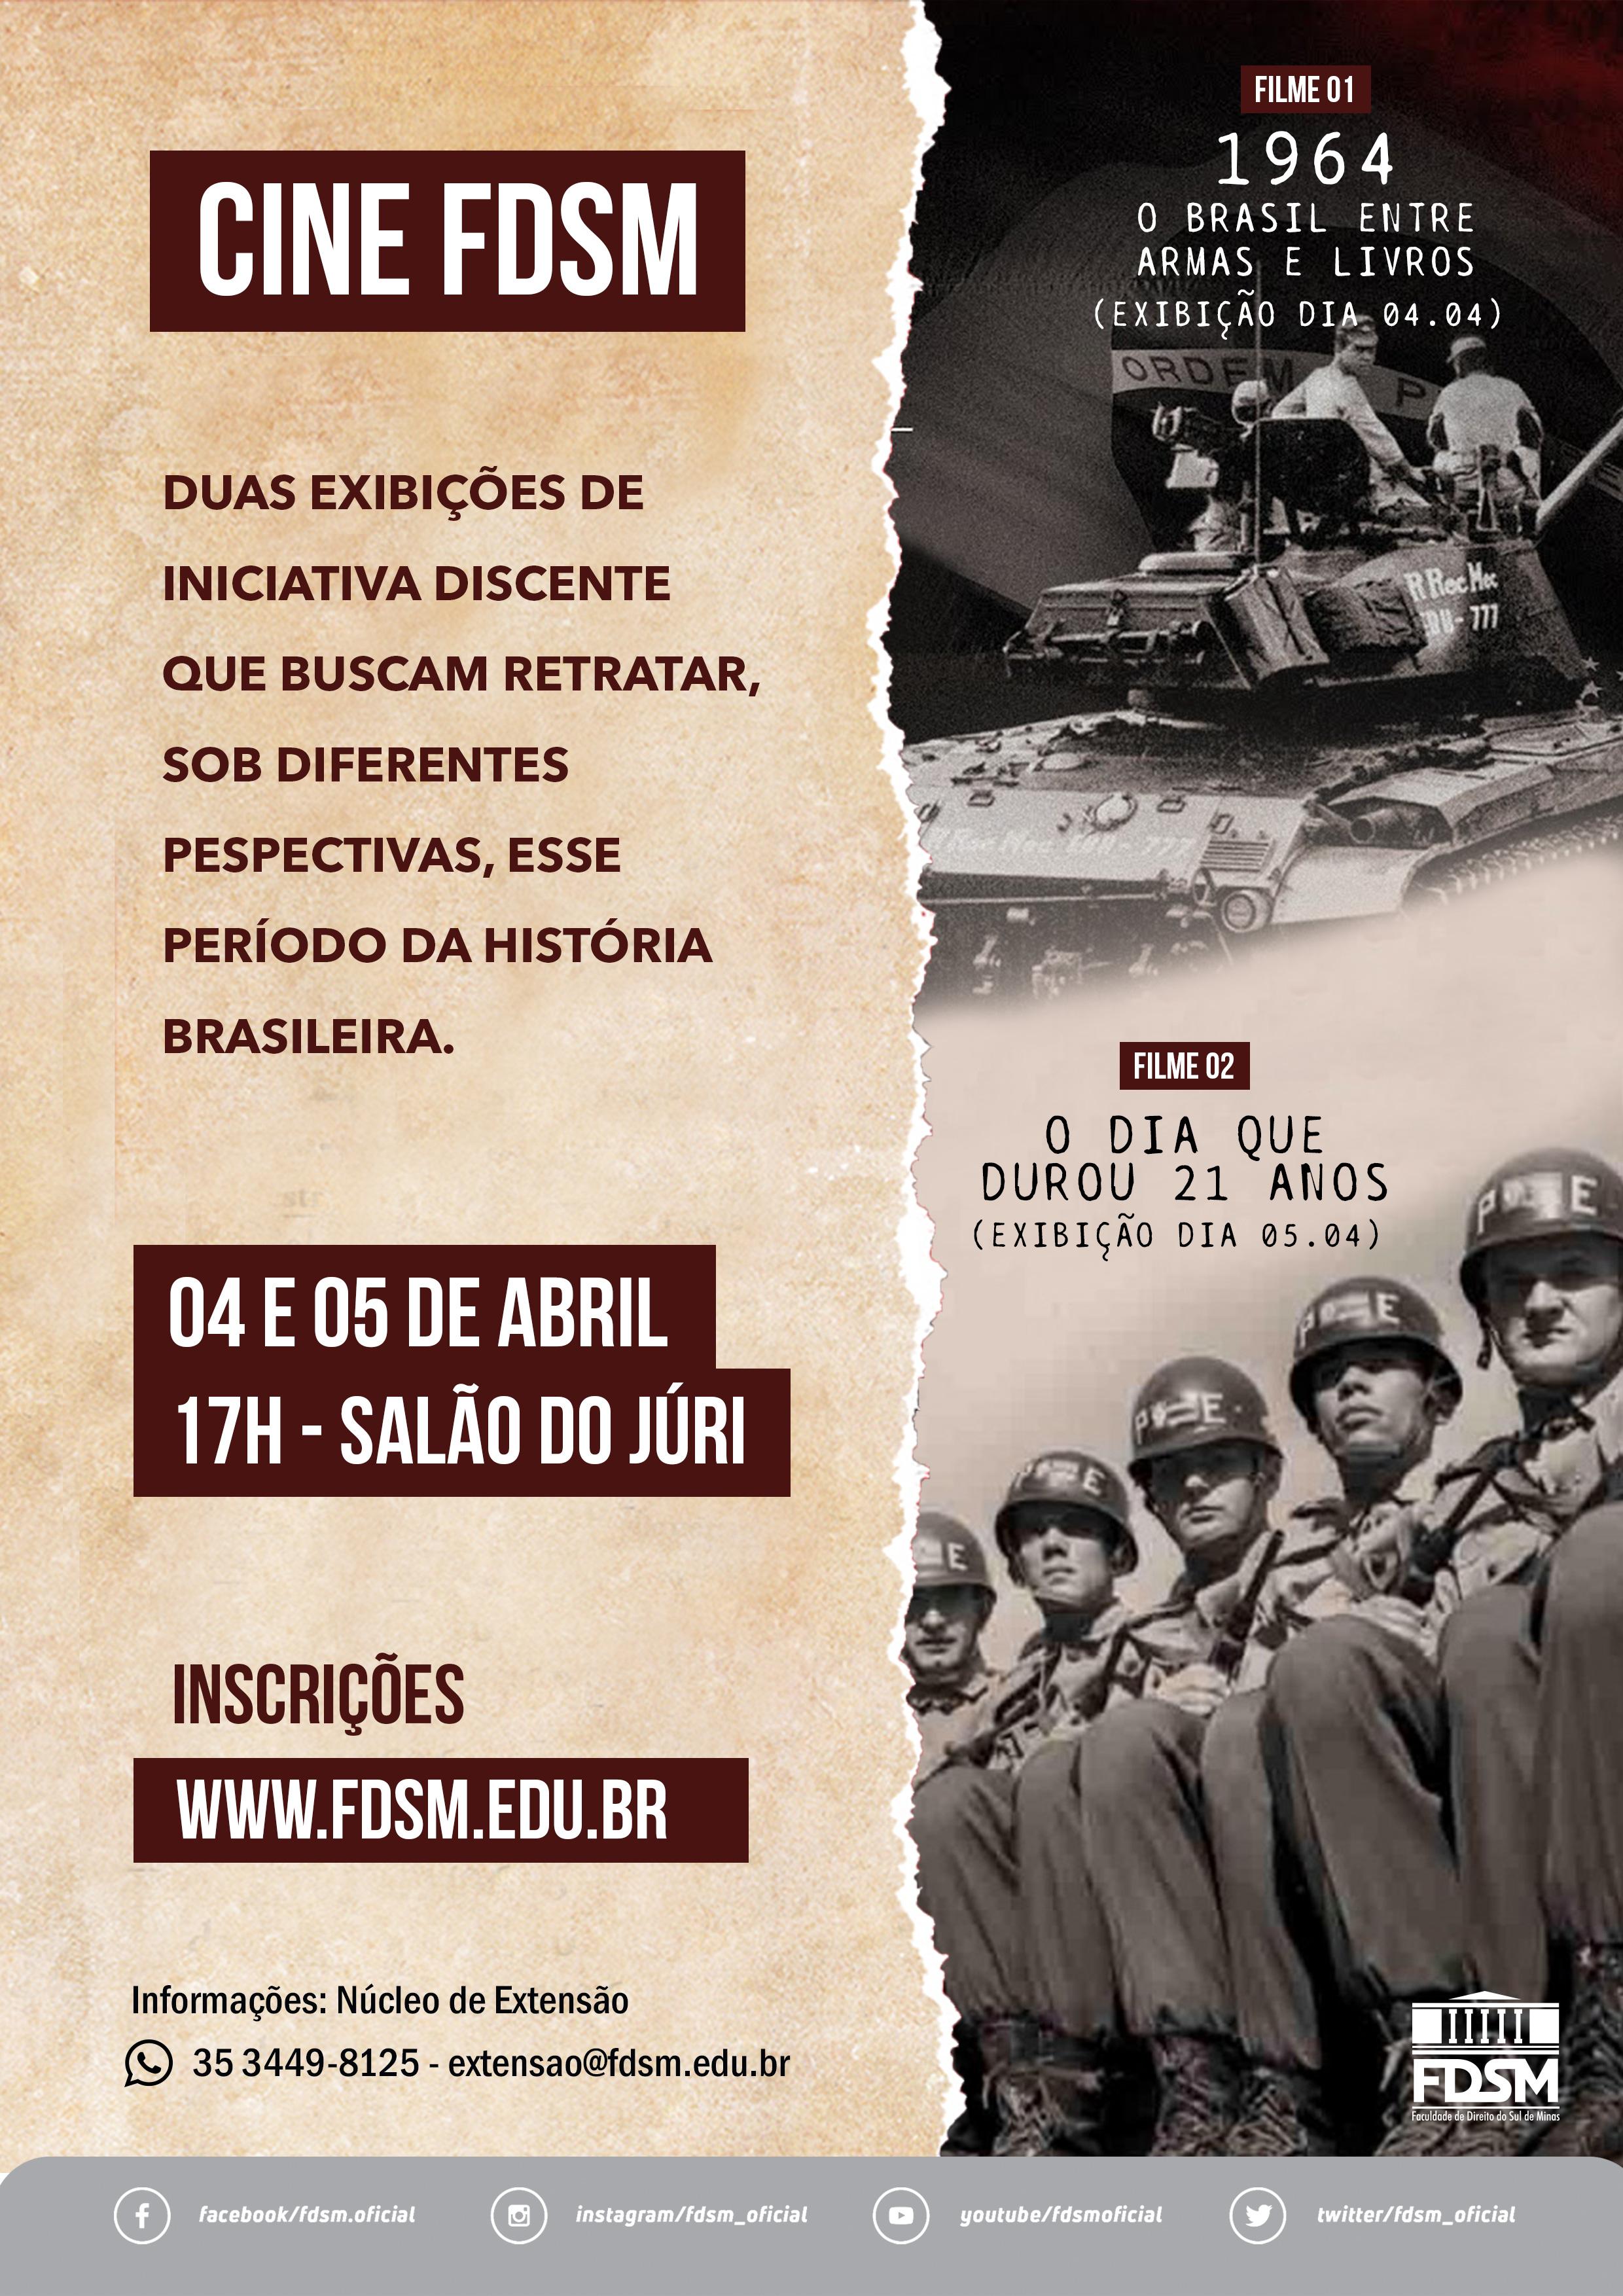 Cine FDSM: O Dia que durou 21 anos